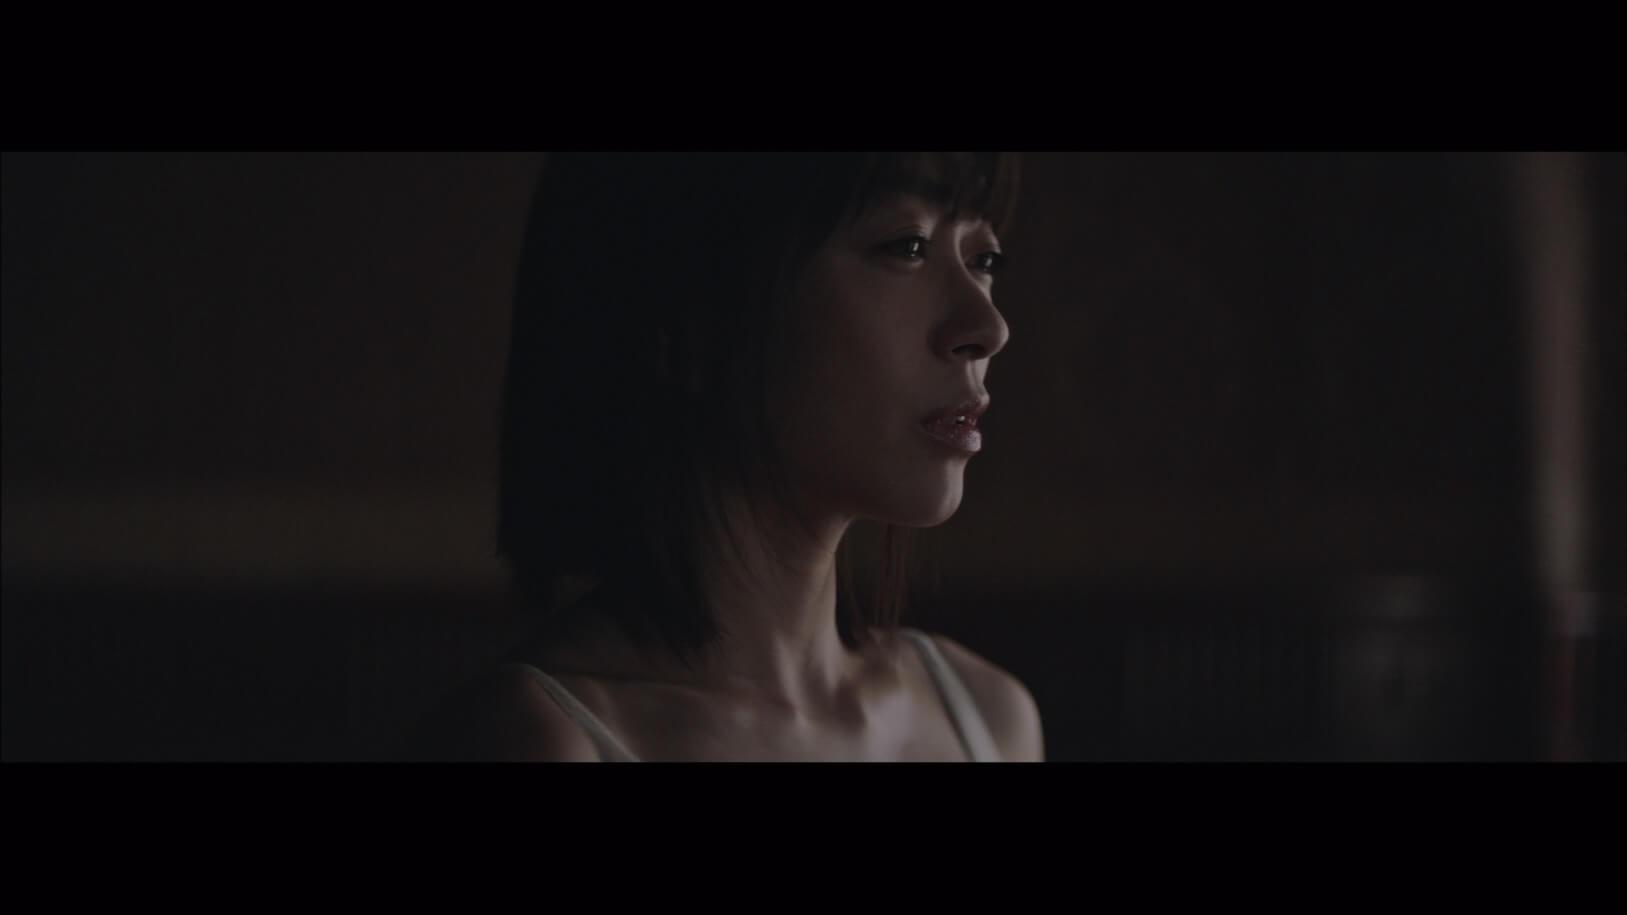 宇多田ヒカル 楽曲 初恋 配信スタート ミュージックビデオも公開